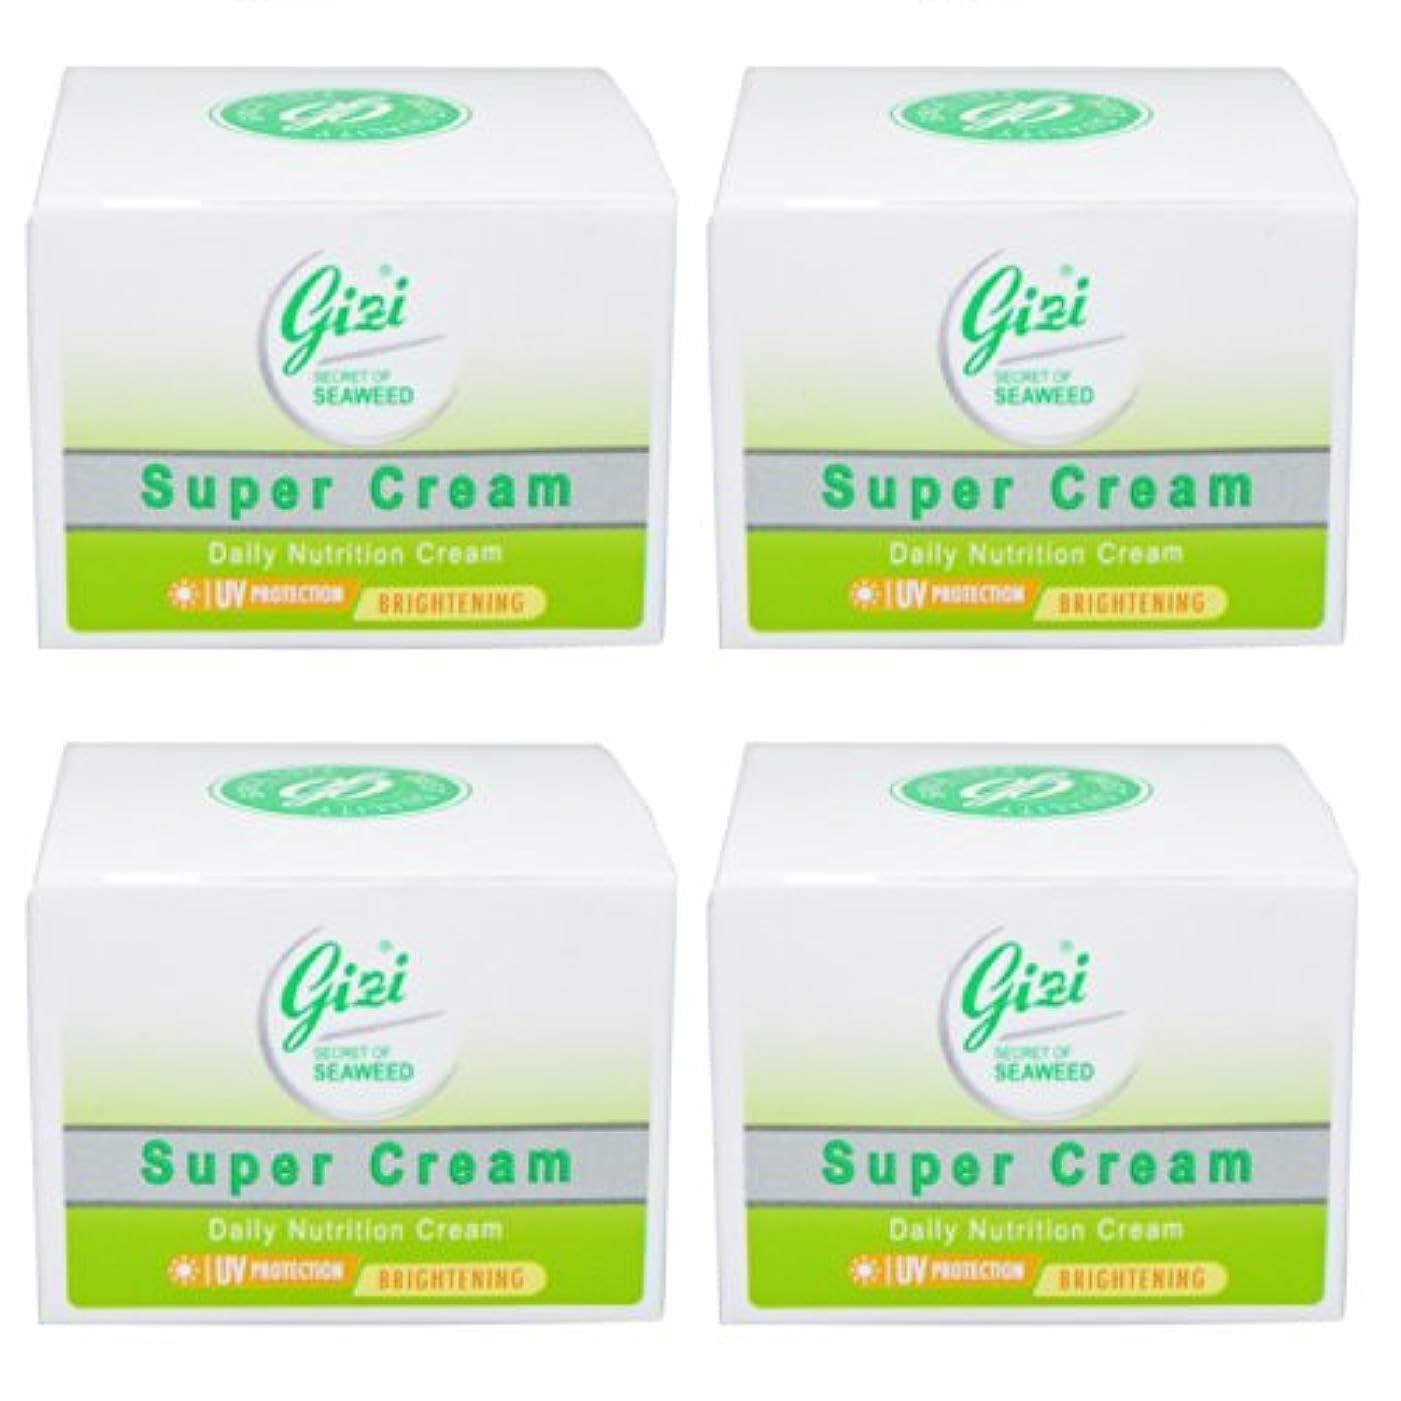 同意不規則な作り上げるGIZI Super Cream(ギジ スーパークリーム)フェイスクリーム9g 4個セット[並行輸入品][海外直送品]